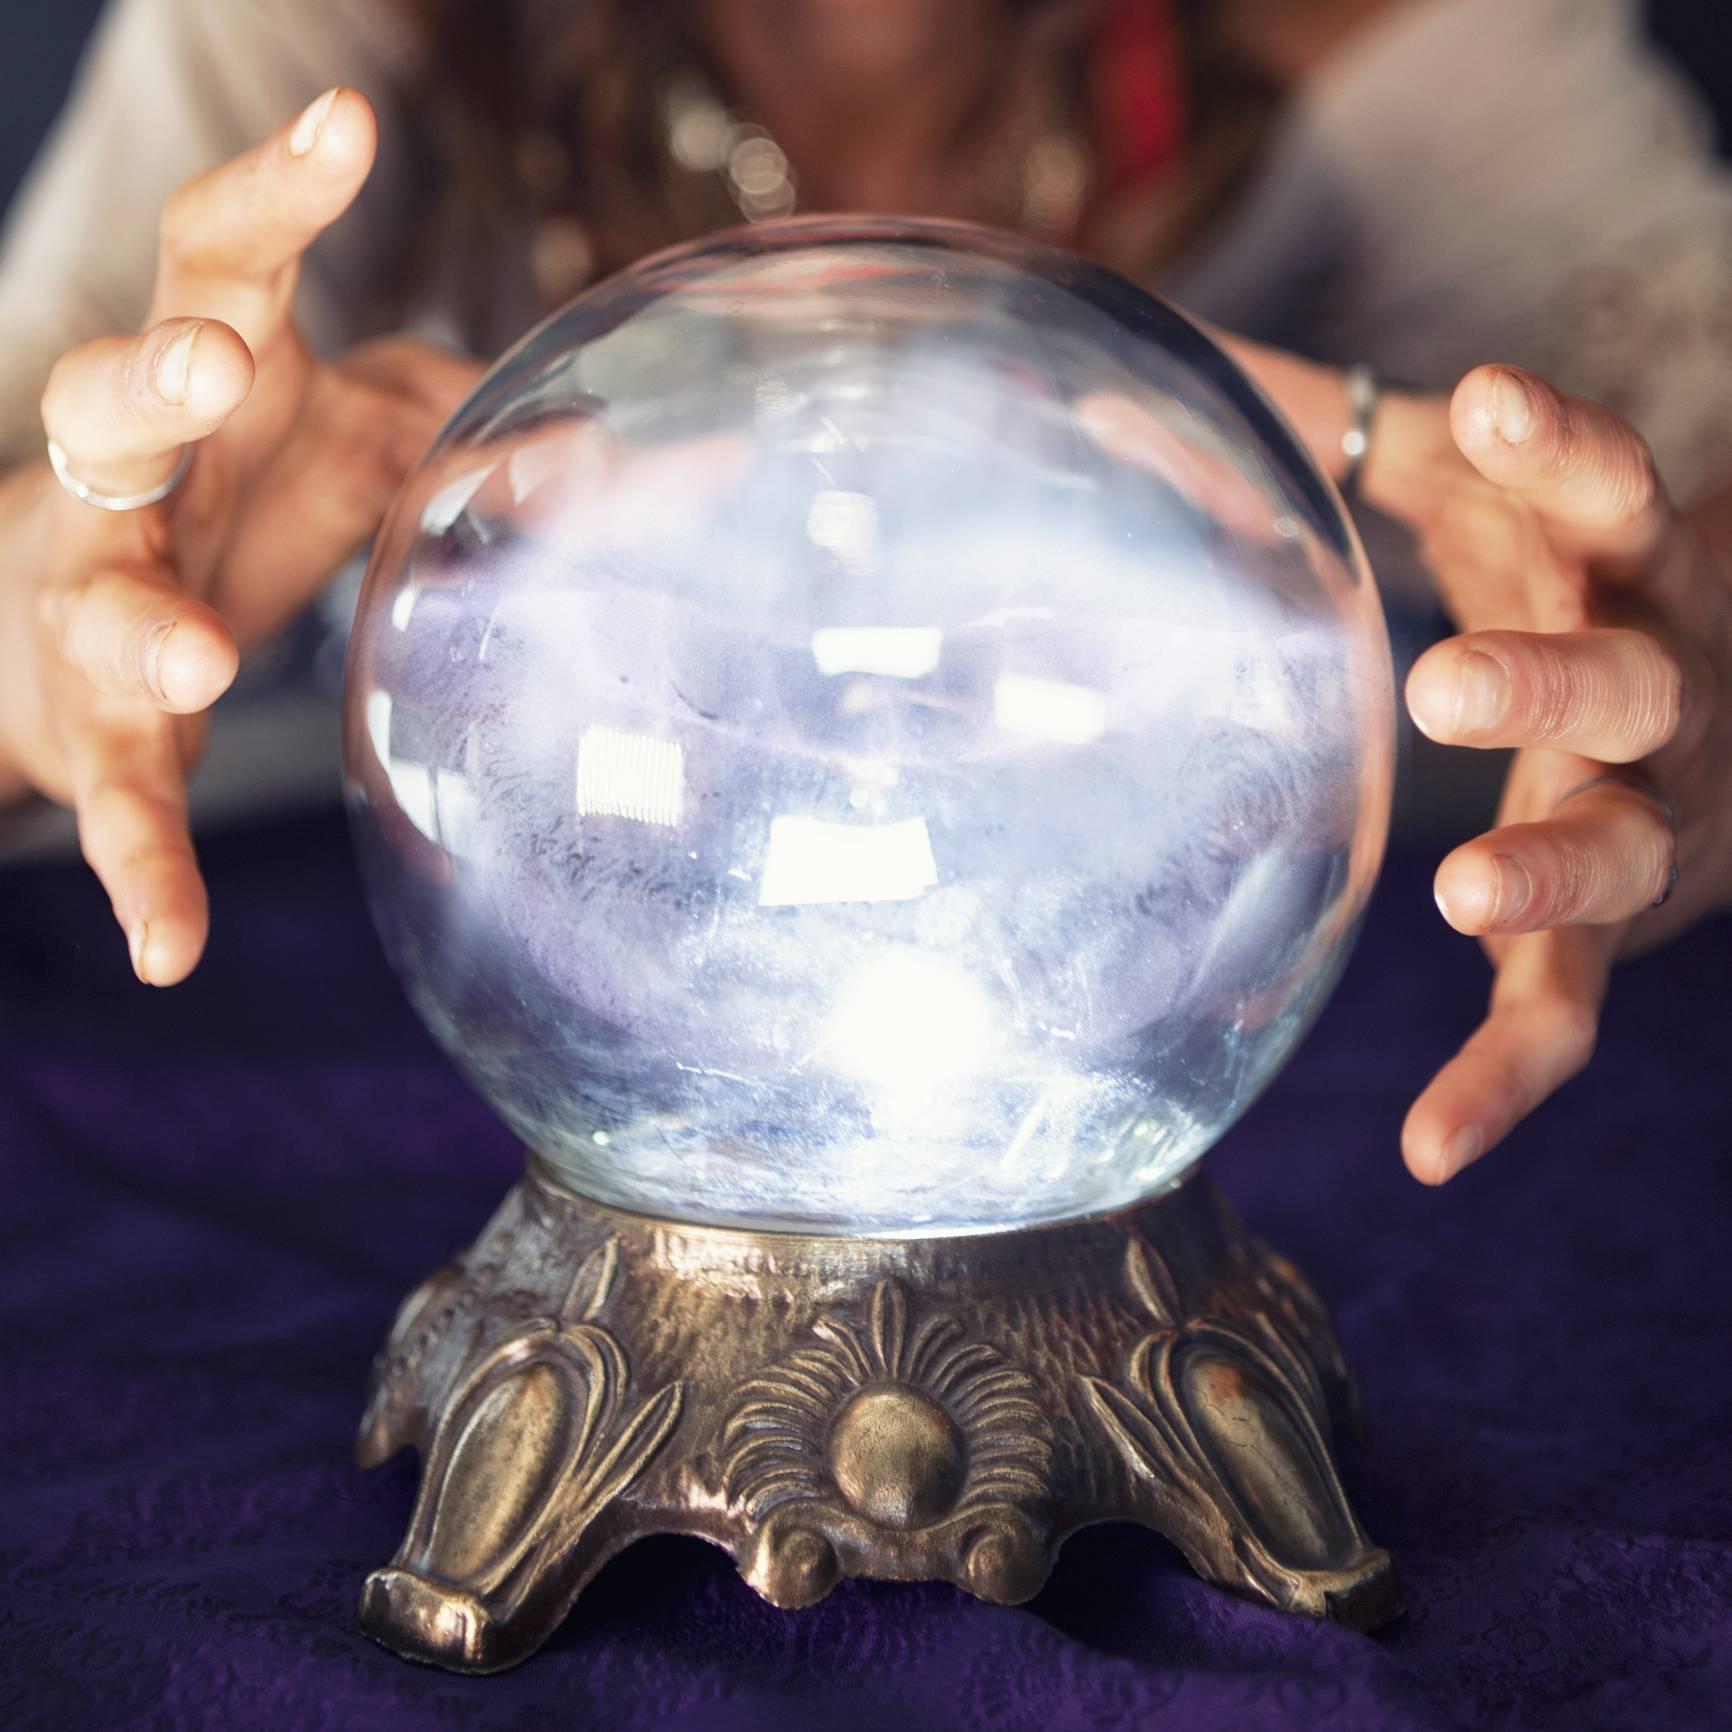 Хрустальный шар и магическое зеркало. где взять энергию? секреты практической магии эроса